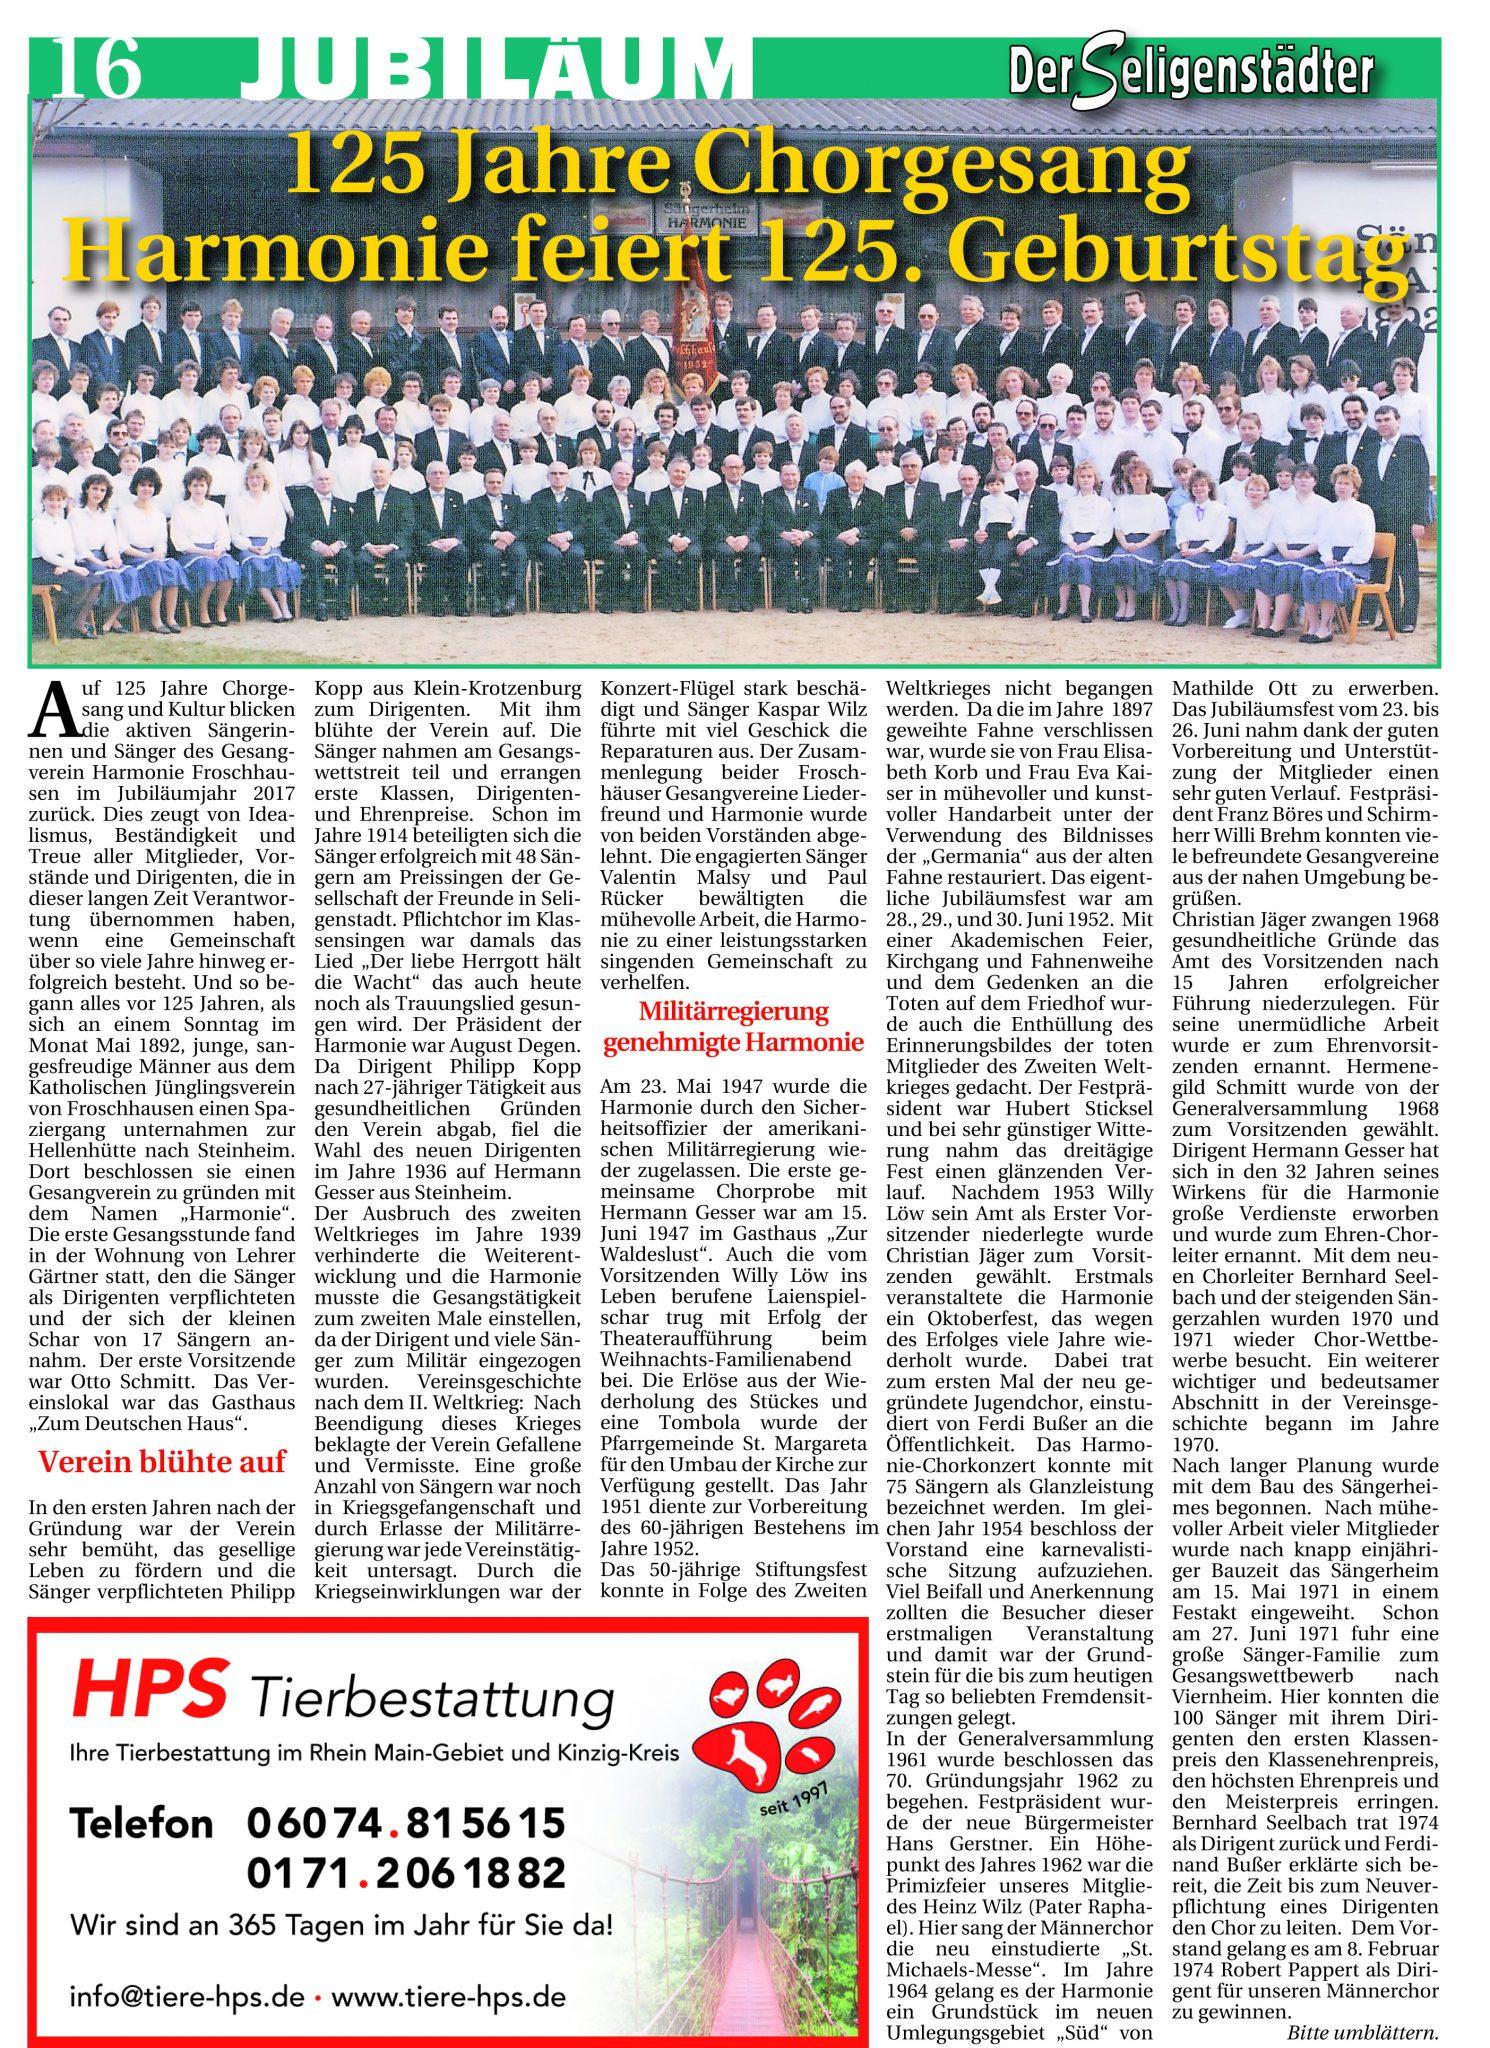 Der Seligenstädter – 125 Jahre Harmonie – Seite 1